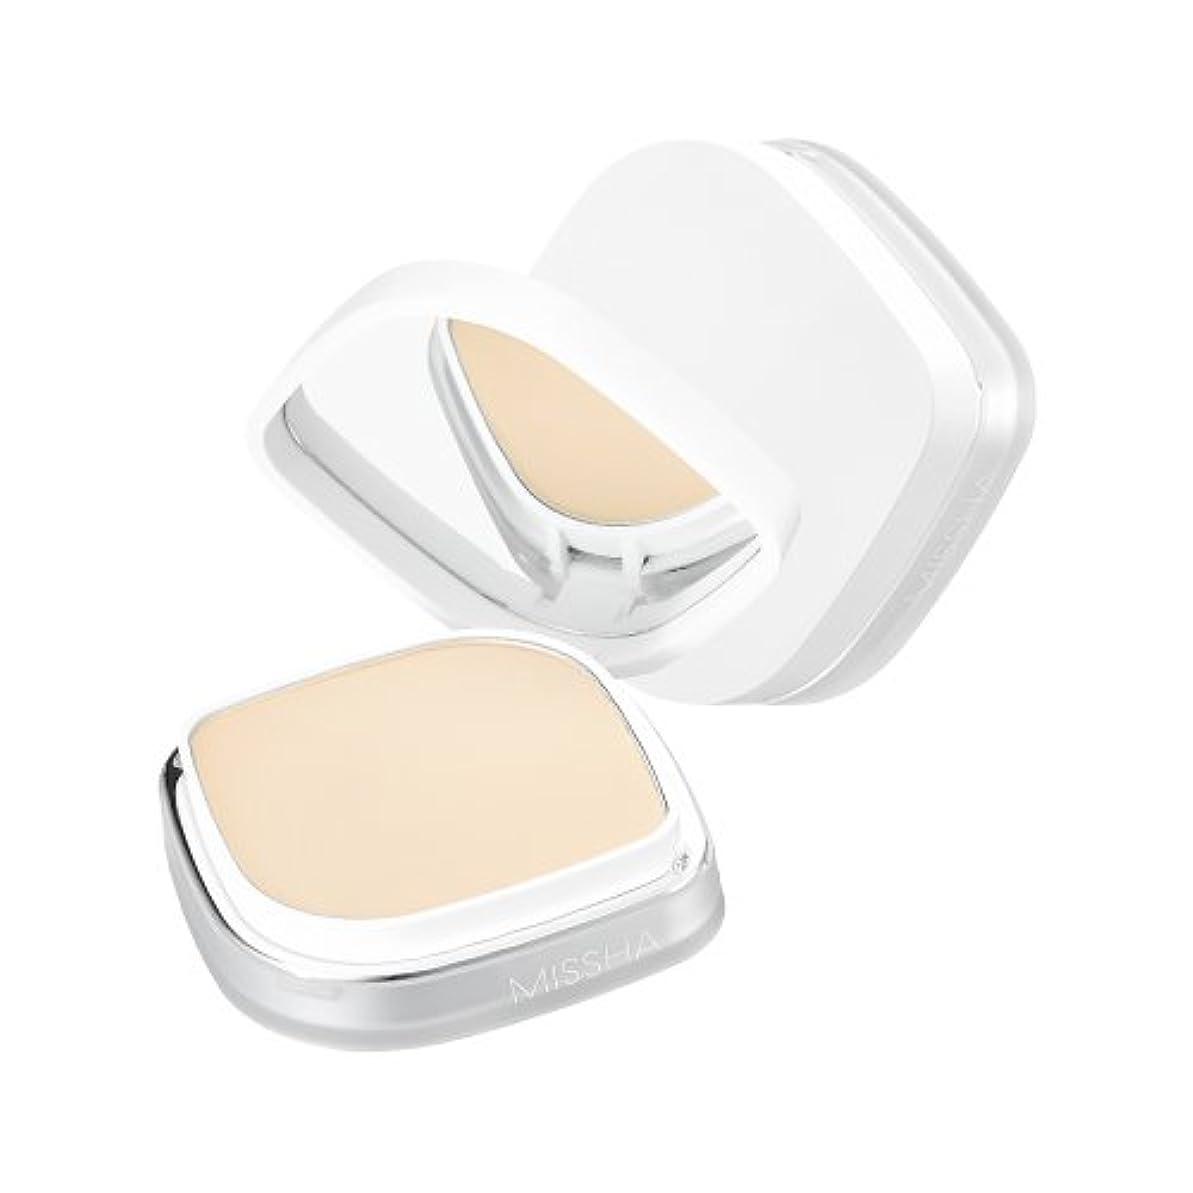 眼印象的シャンプー[Renewal] MISSHA Signature Science Blanc Pact #Vanilla/ ミシャ シグネチャー サイエンス ブラン パクトSPF50+ PA+++ [並行輸入品]